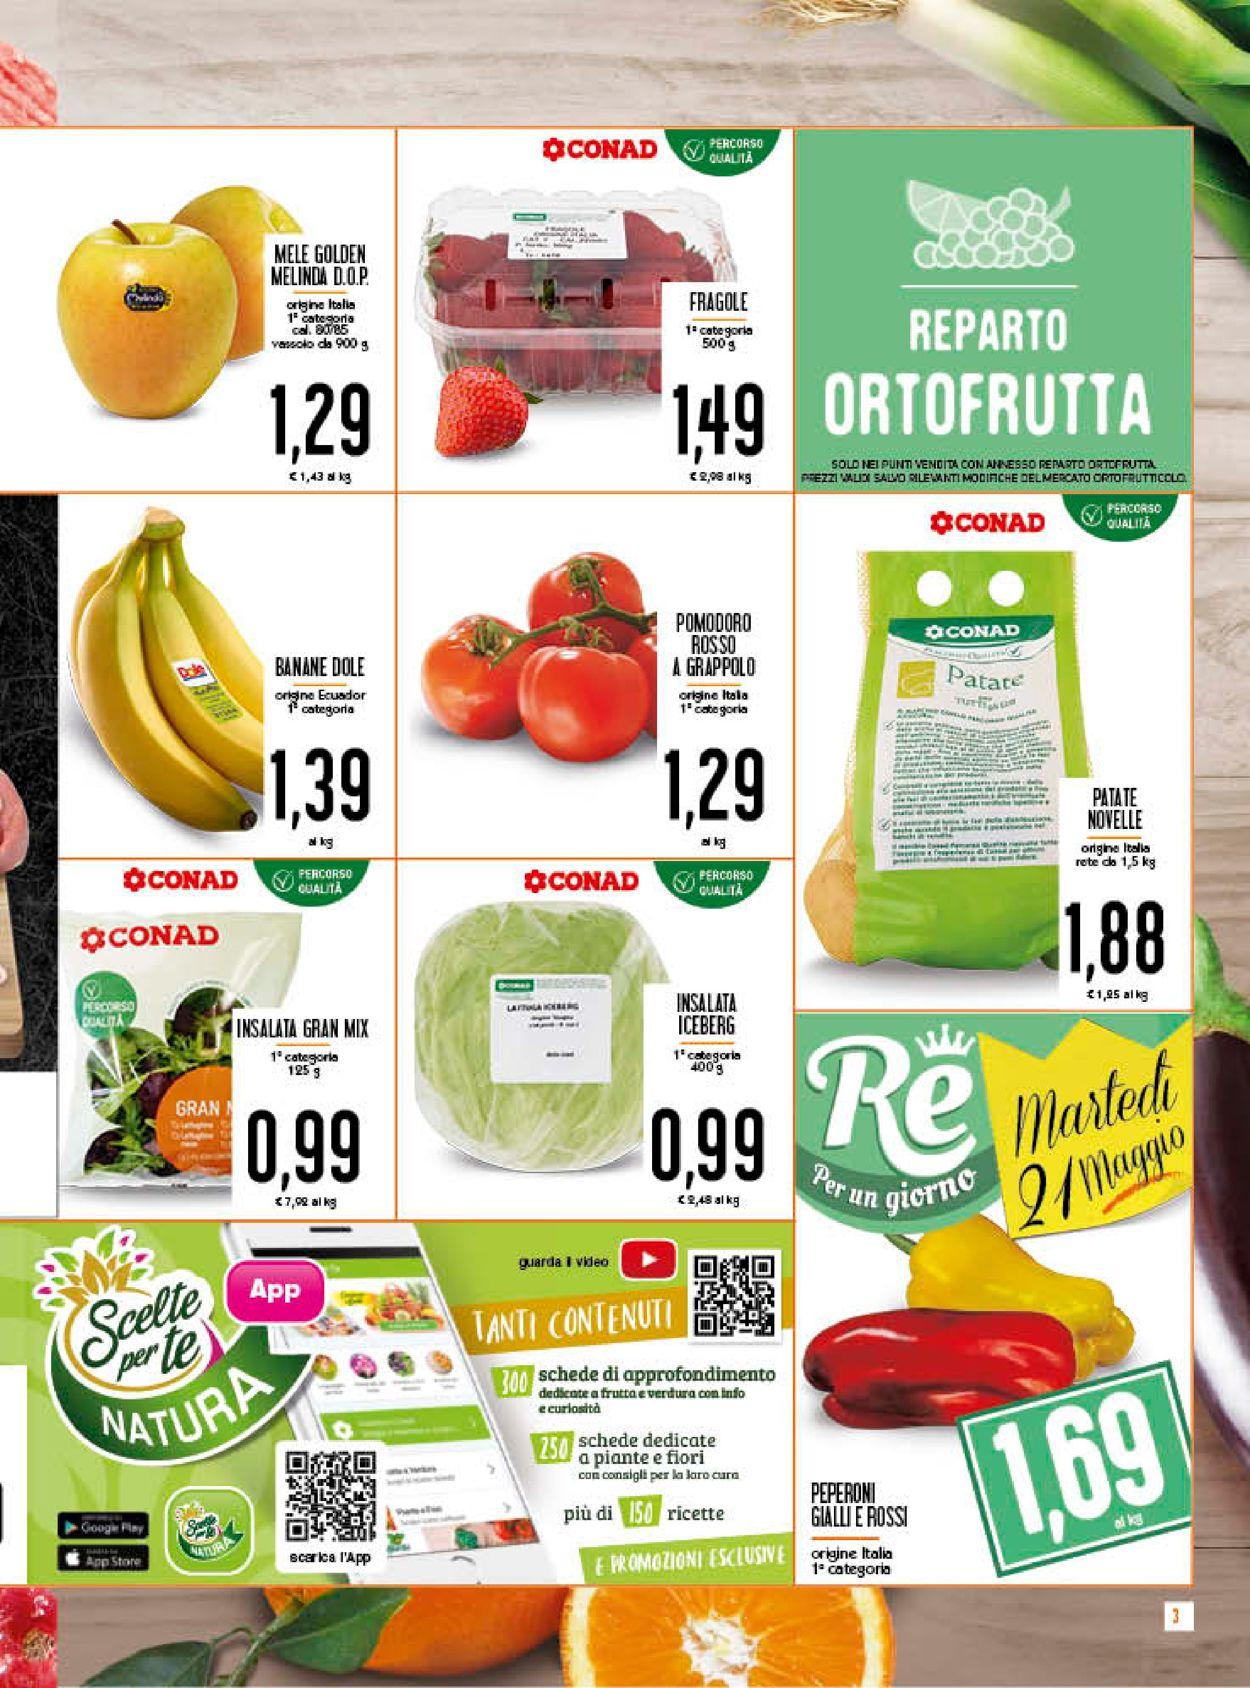 Volantino Conad - Offerte 15/05-26/05/2019 (Pagina 3)